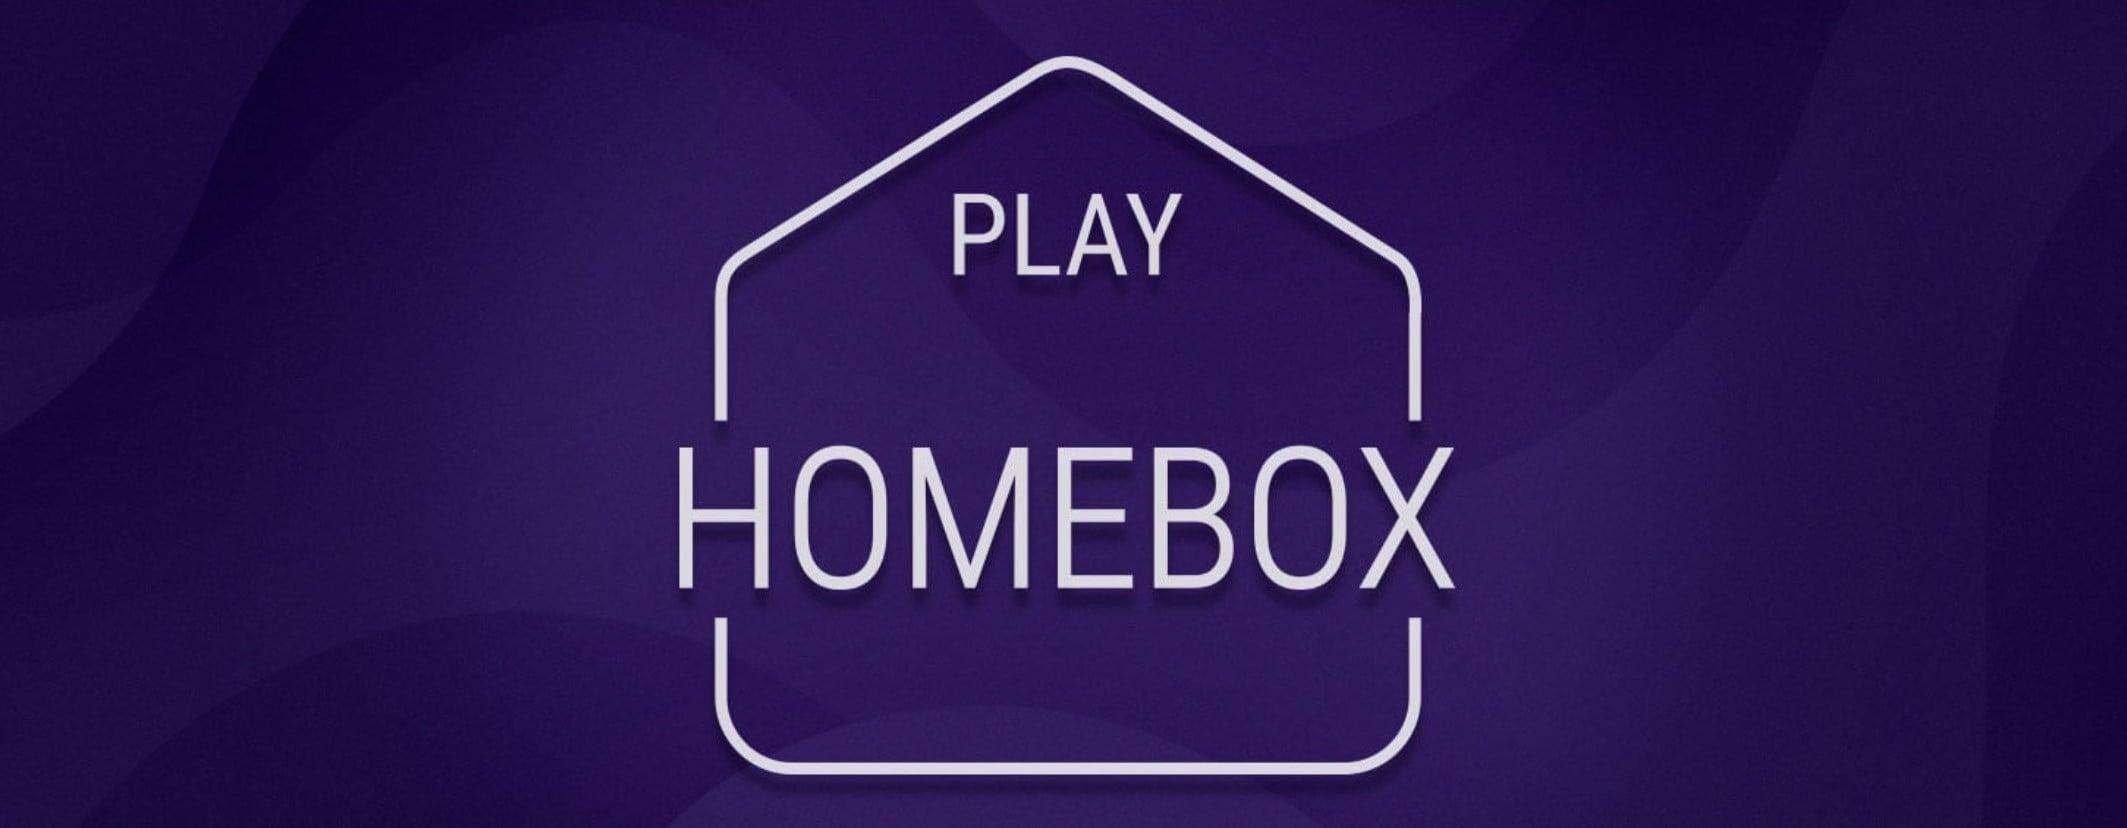 Play wprowadza nowy abonament - PLAY HOMEBOX. I przy okazji podnosi ceny dotychczasowych taryf 18